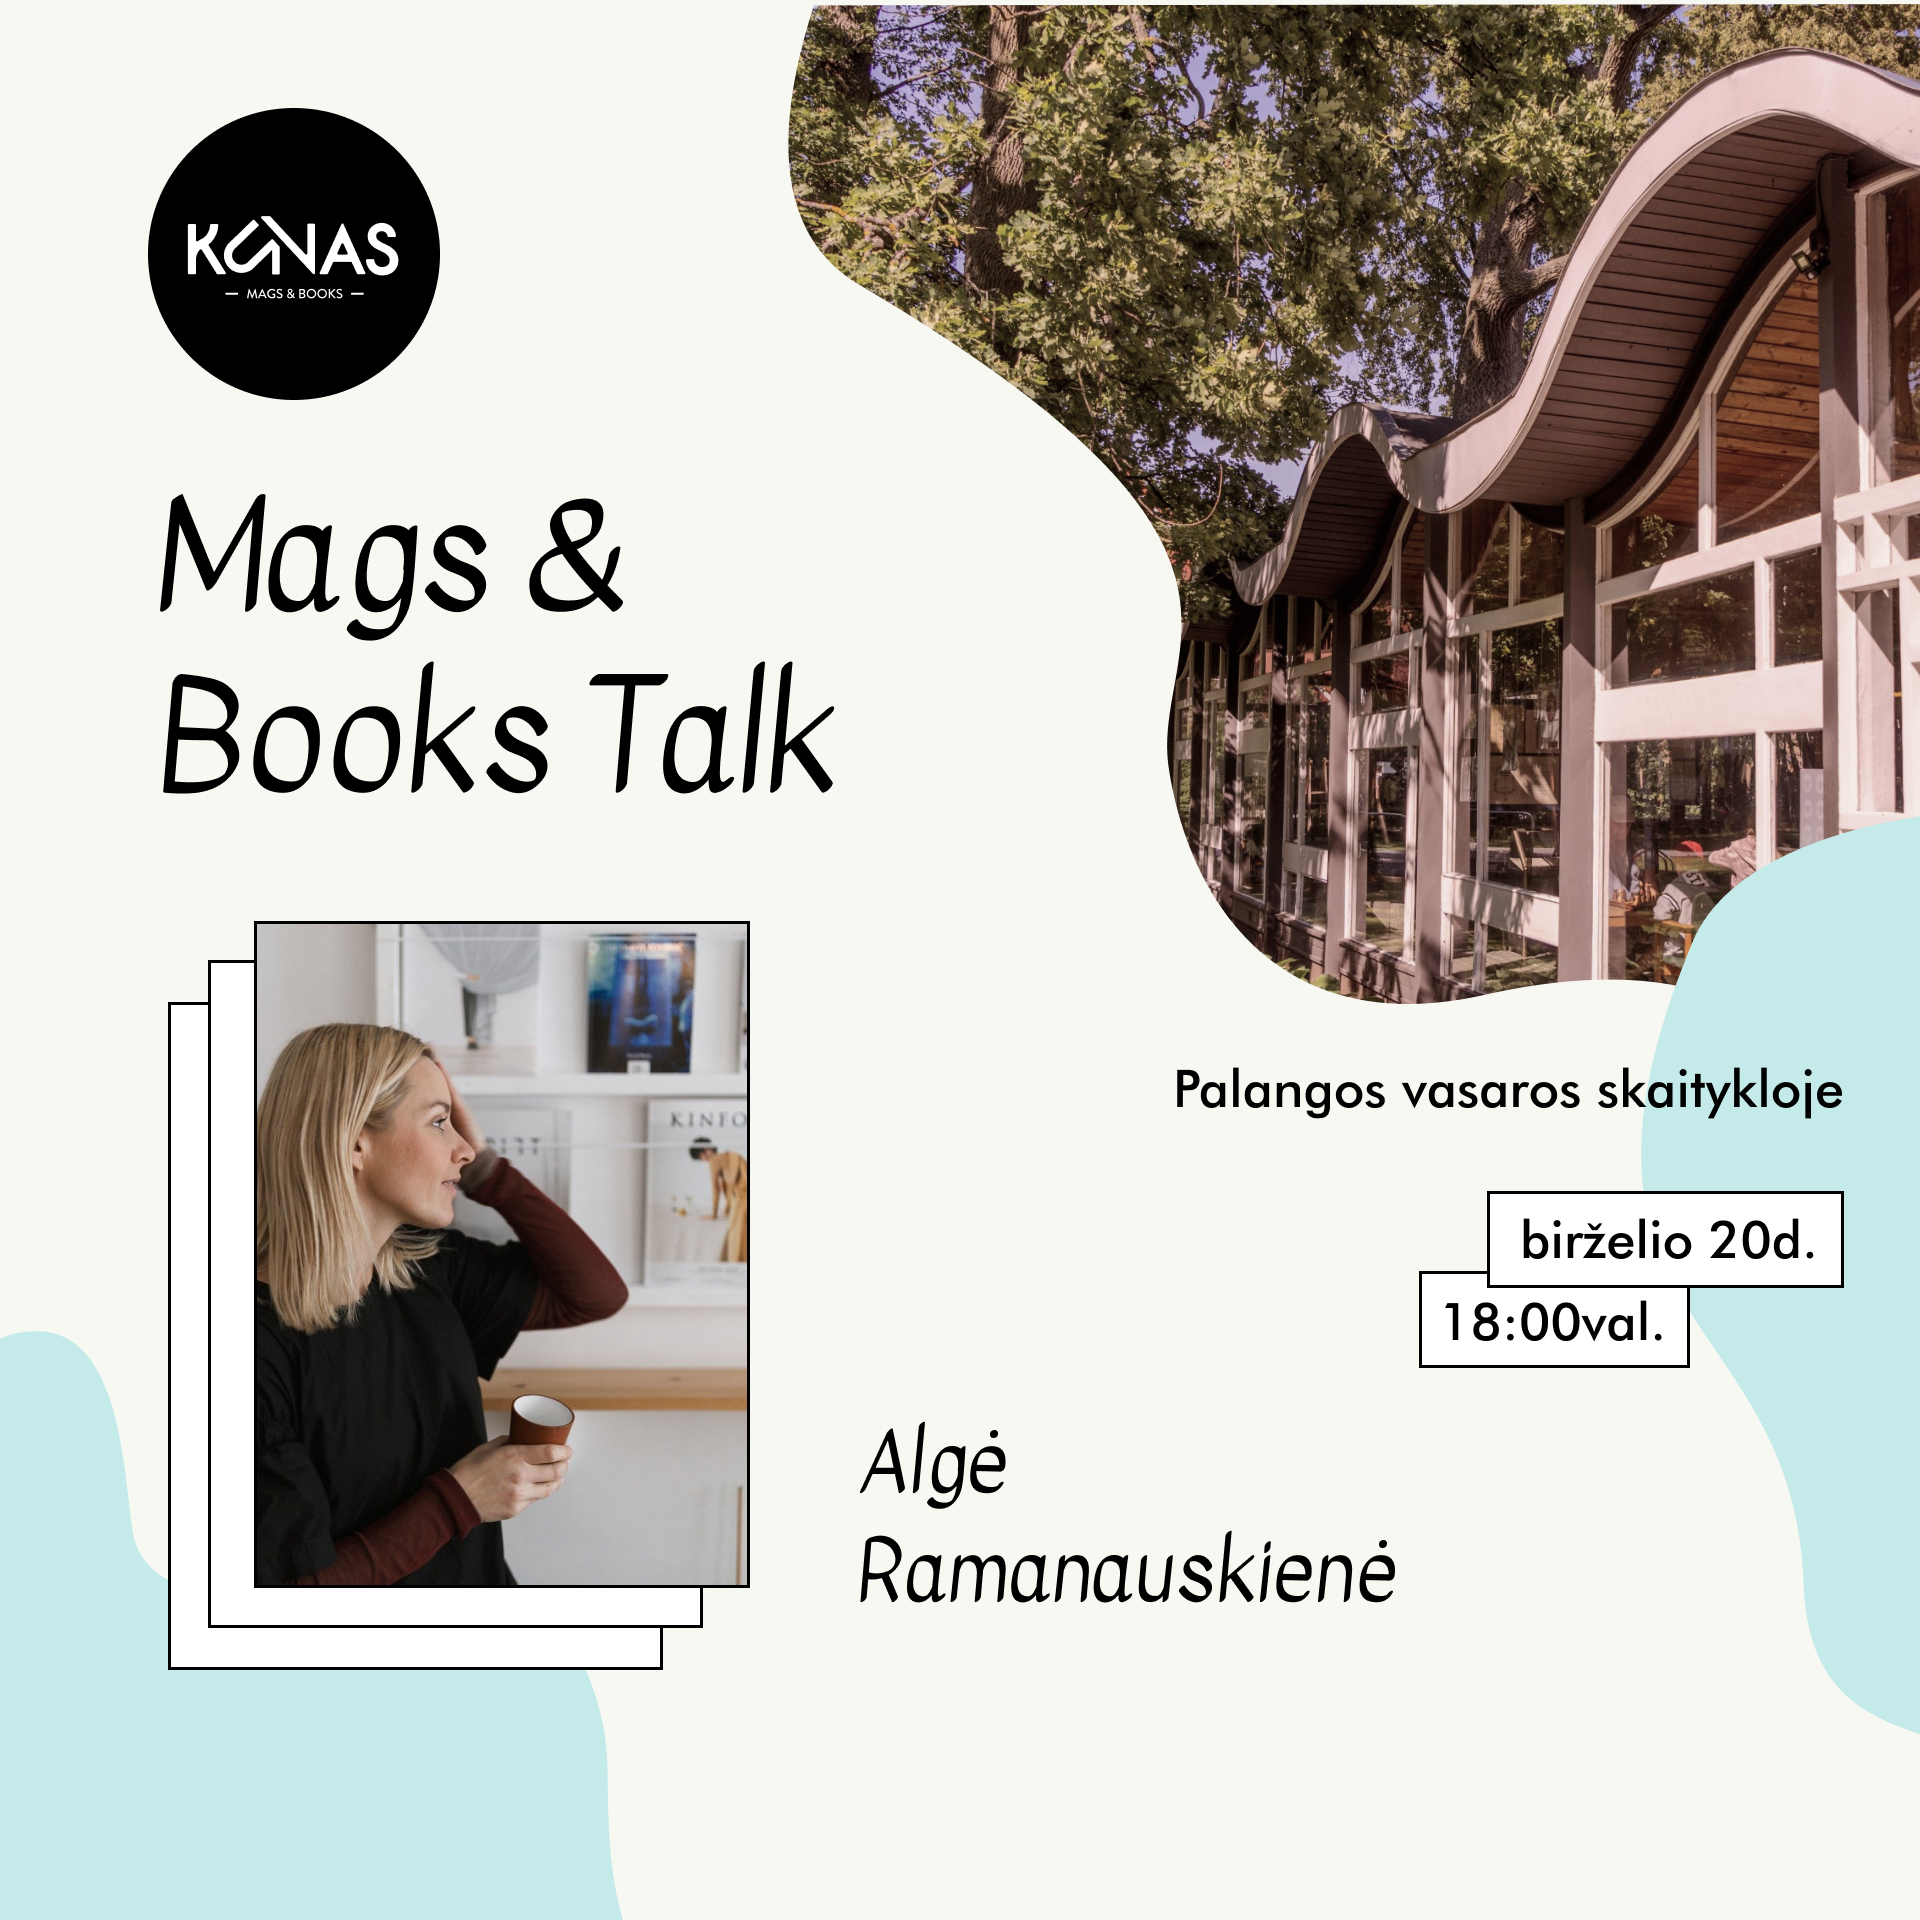 Kūnas Mags & Books Palangoje!